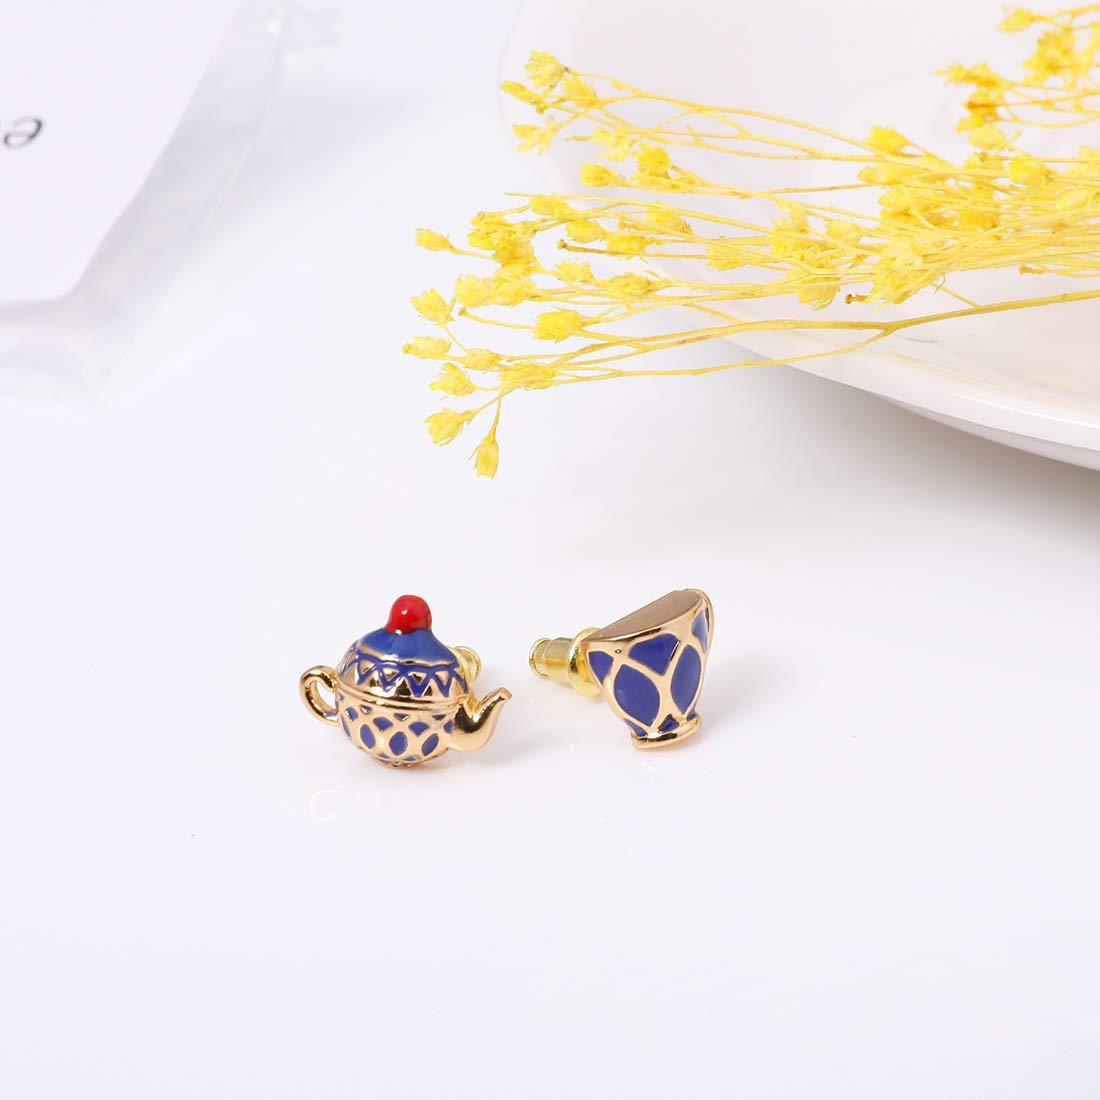 Hand Painted Enamel Tea Pot Blue Earring Stud for Women Mini Asymmetrical Jewelry